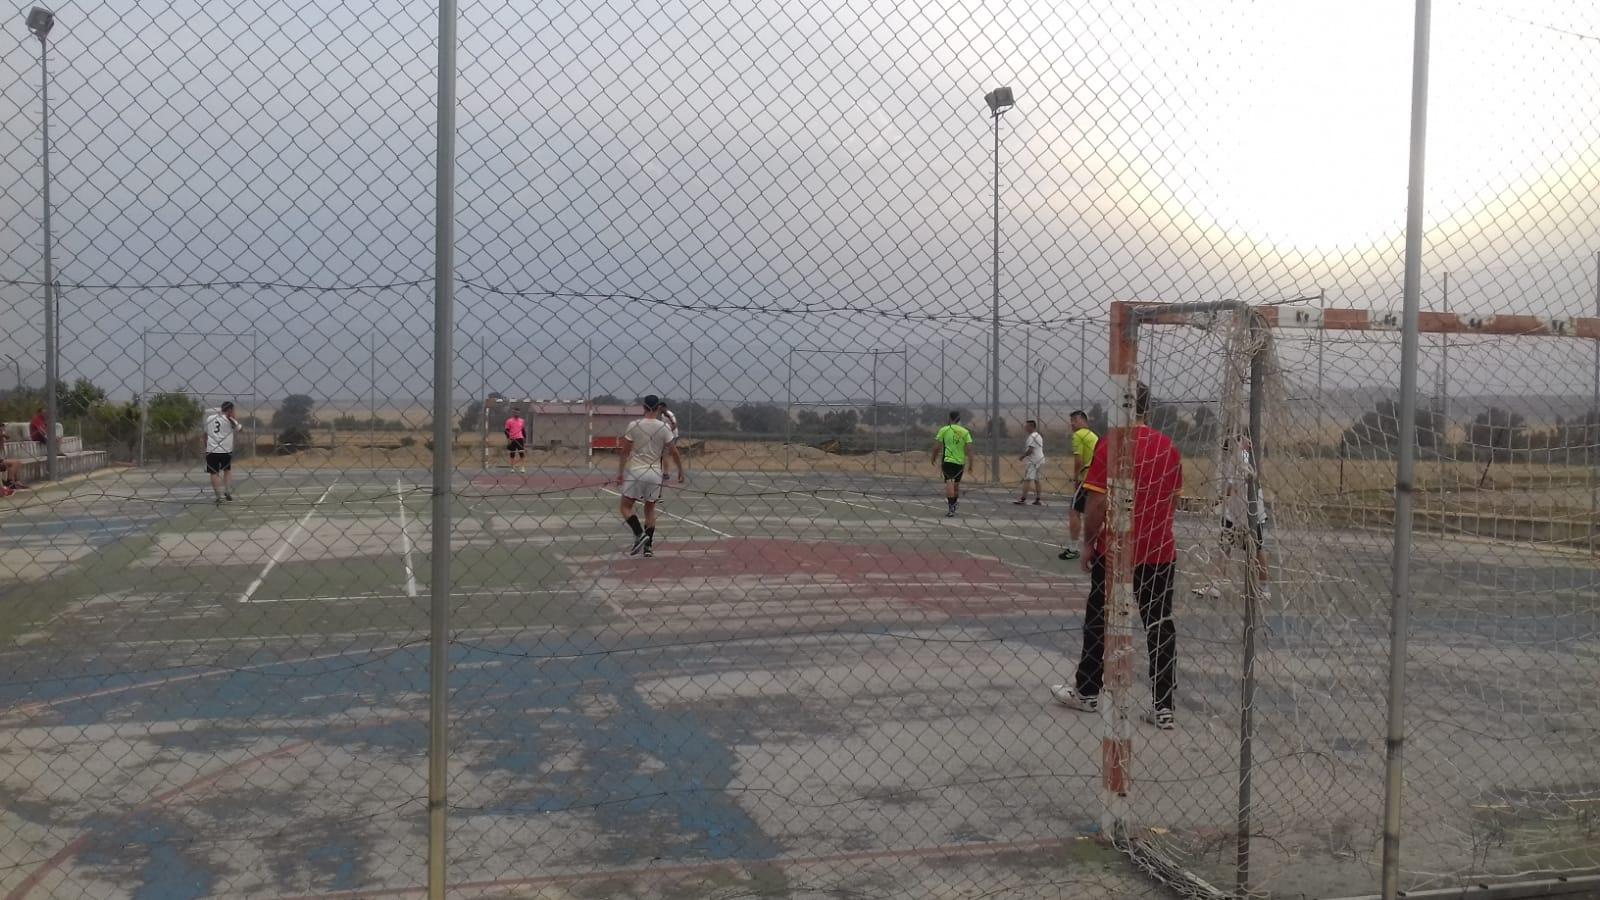 CampoLugar_FutbolSala_3_agosto_00001